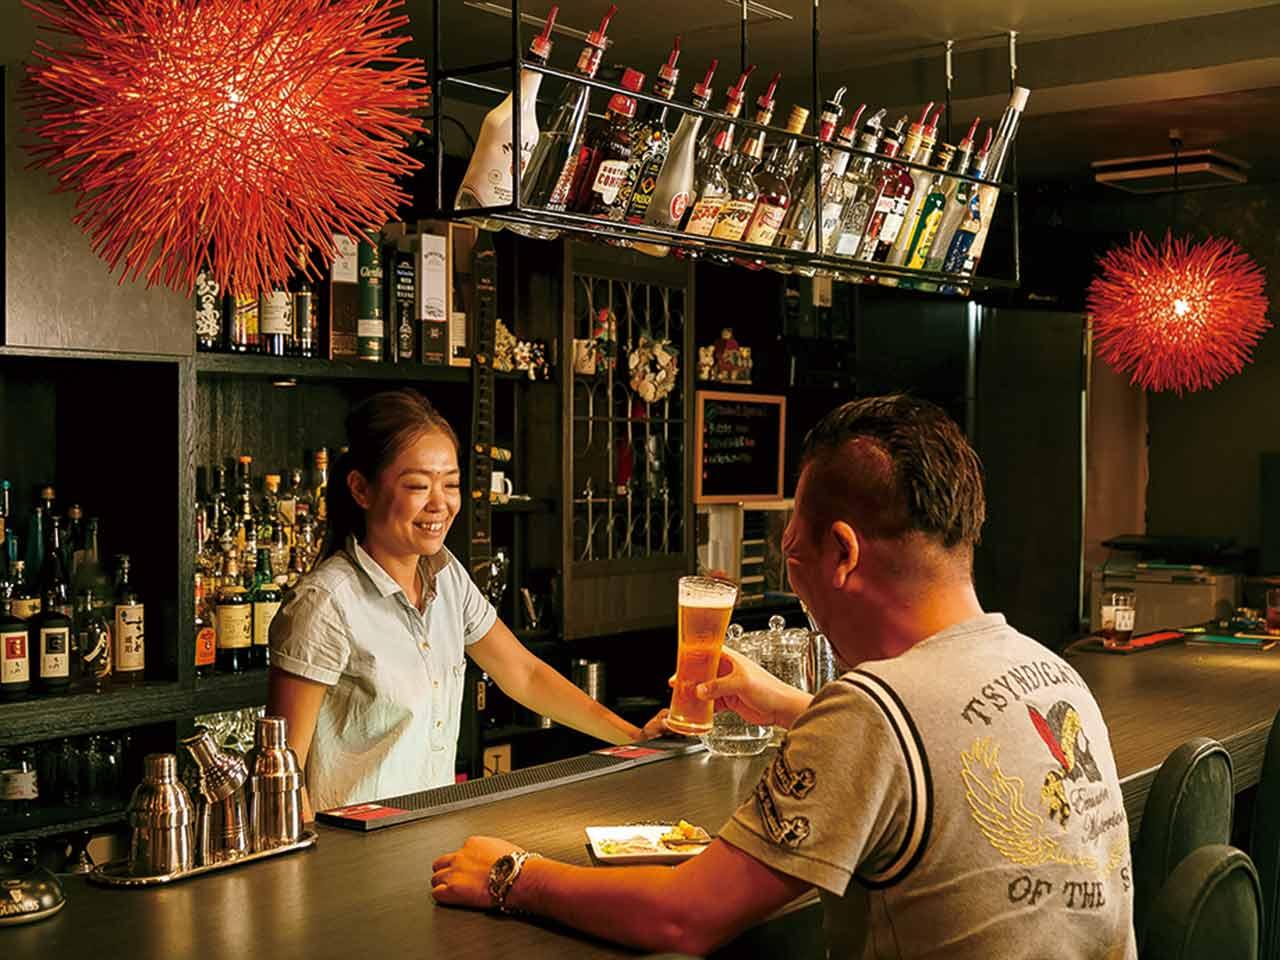 金沢での暮らしが   120%   楽しくなる われら まちなか 案内人 2017 Spring